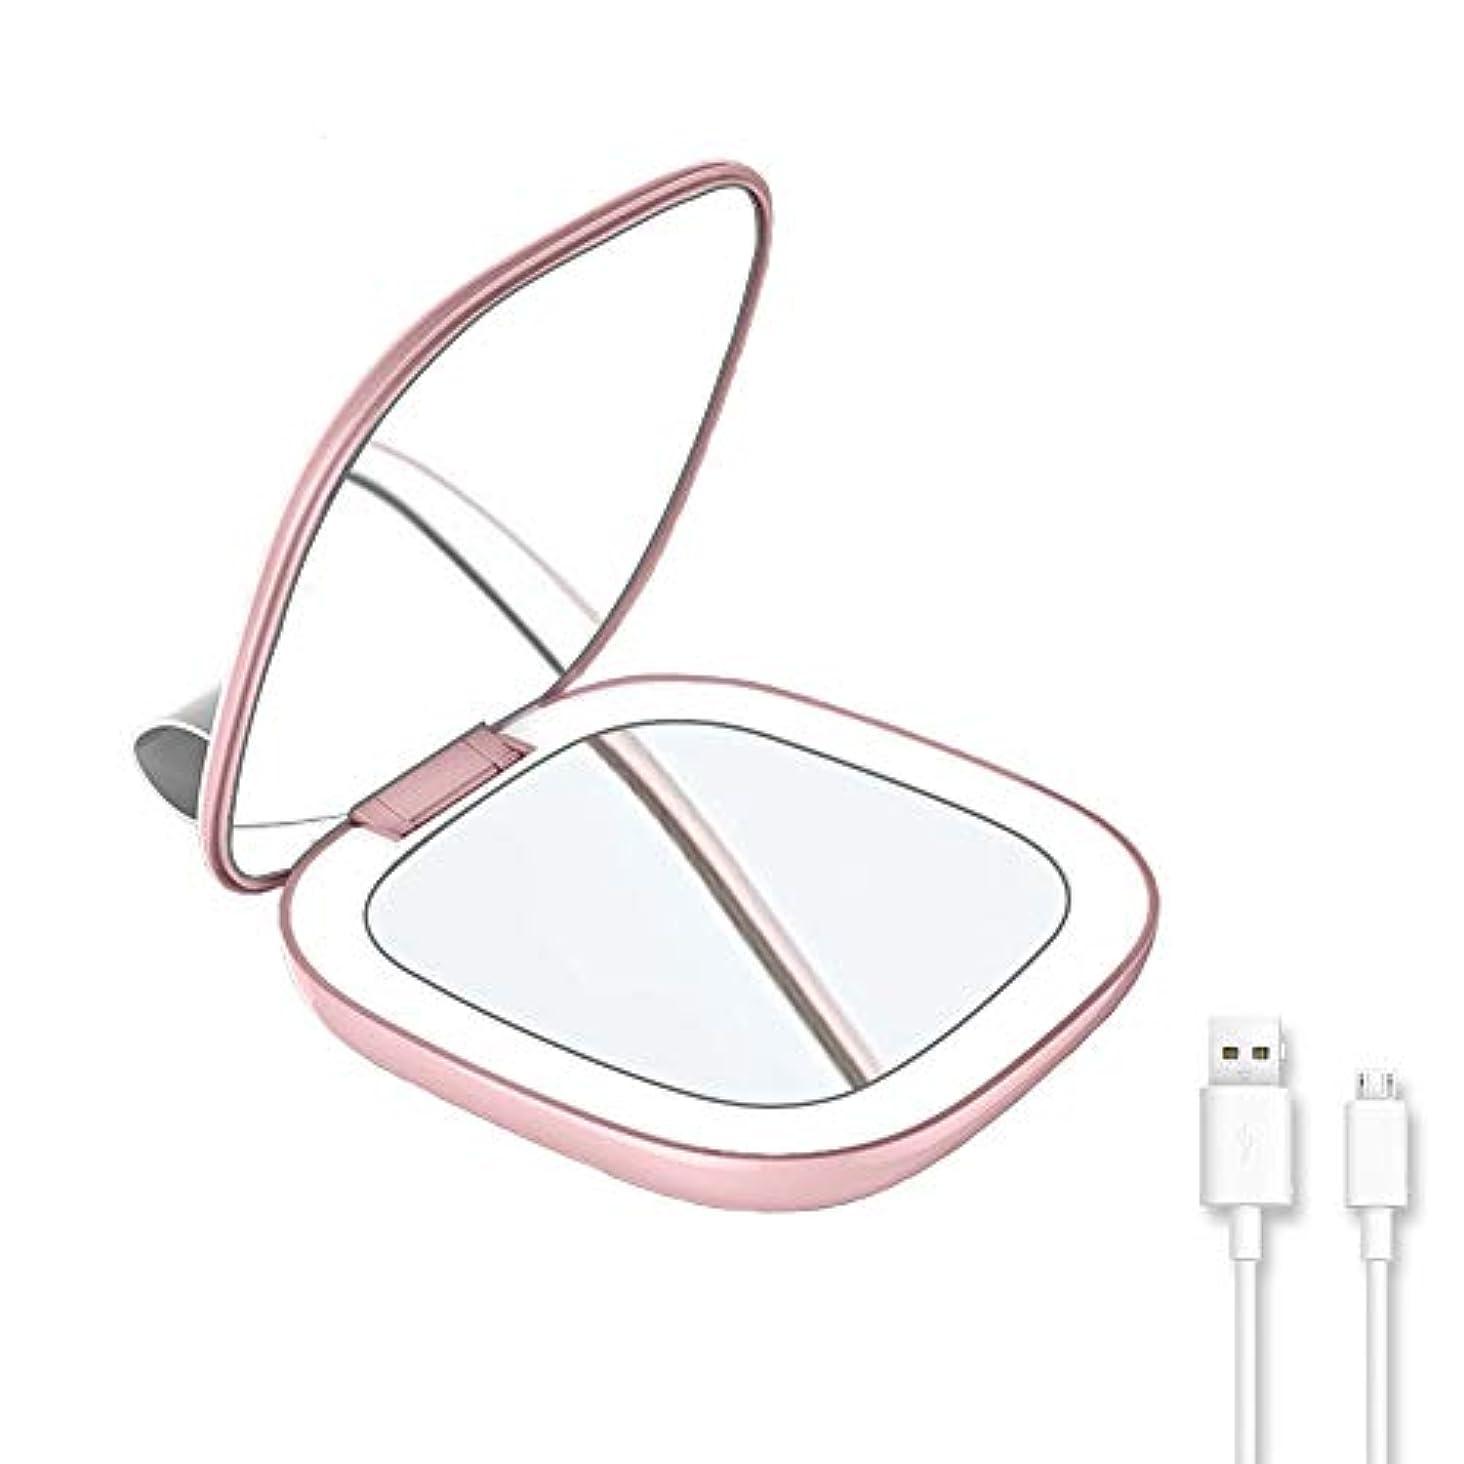 コイン建築家写真撮影LAOPAO ポケットミラー 折り立てミラー led付きコンパクトミラー 拡大鏡 3倍 旅行化粧鏡 明るさ調節可能 130°回転 USB充电 持ち運びが簡単(ライトピンク)